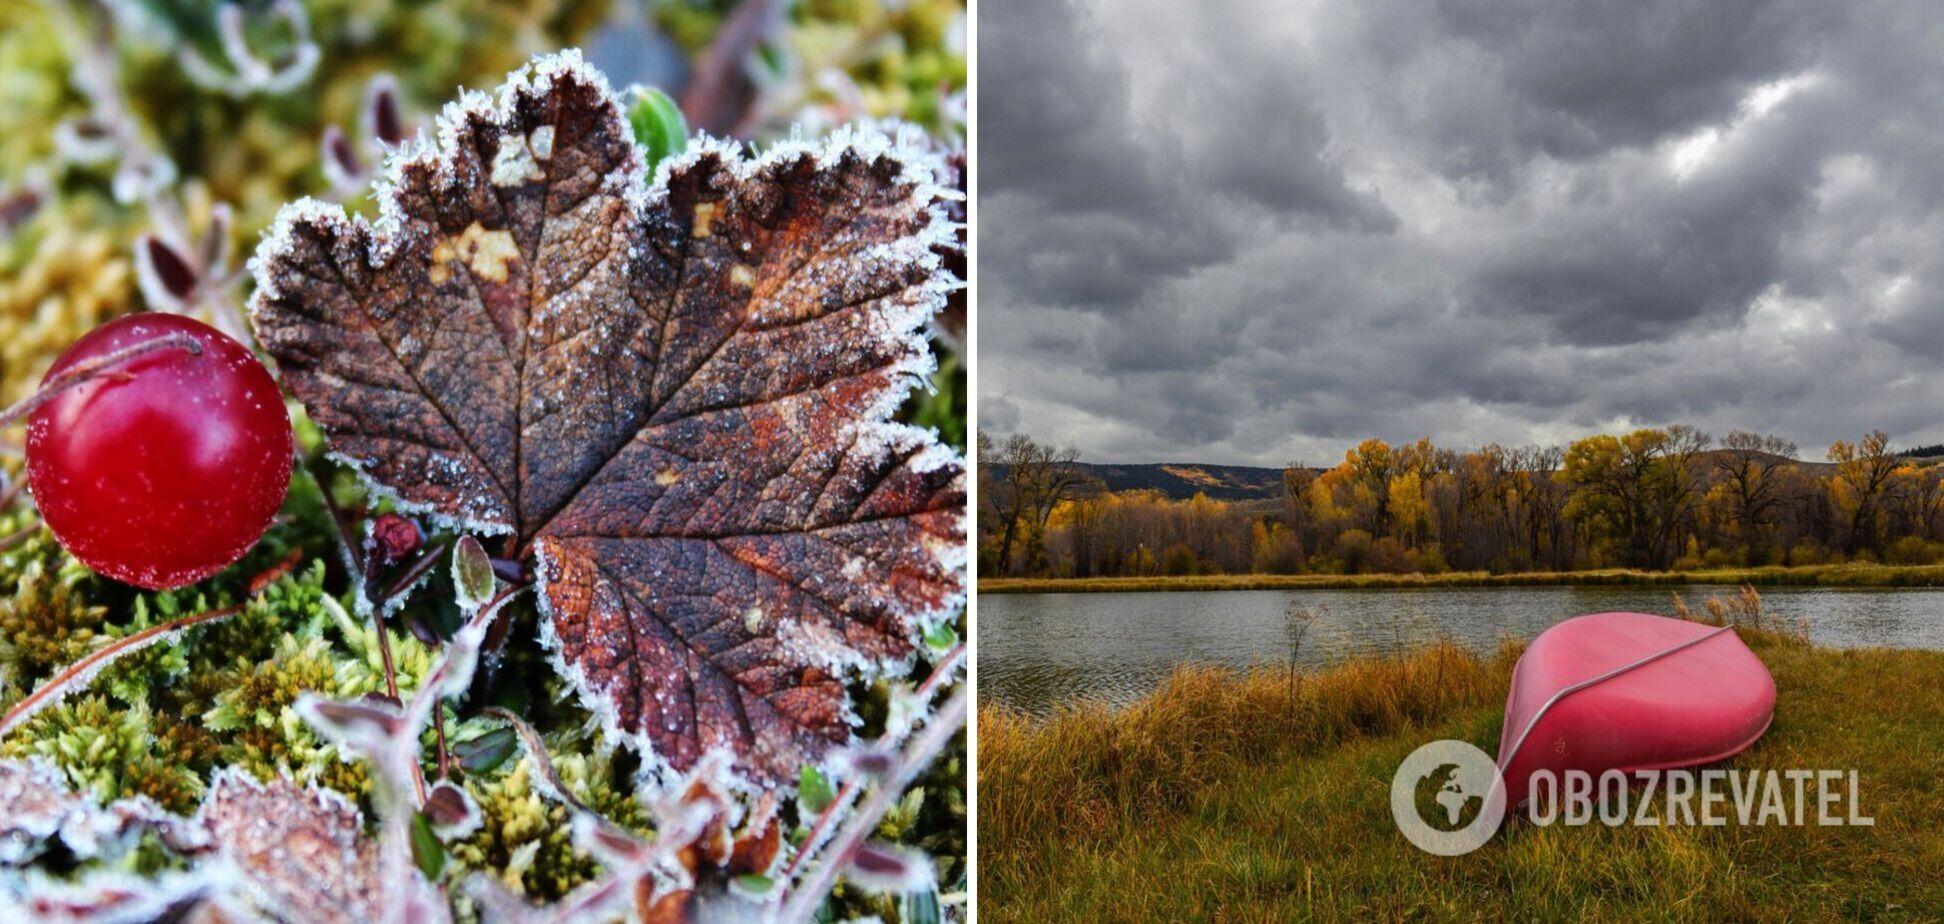 До мінус 6 і хмарно: синоптики уточнили прогноз погоди на понеділок в Україні